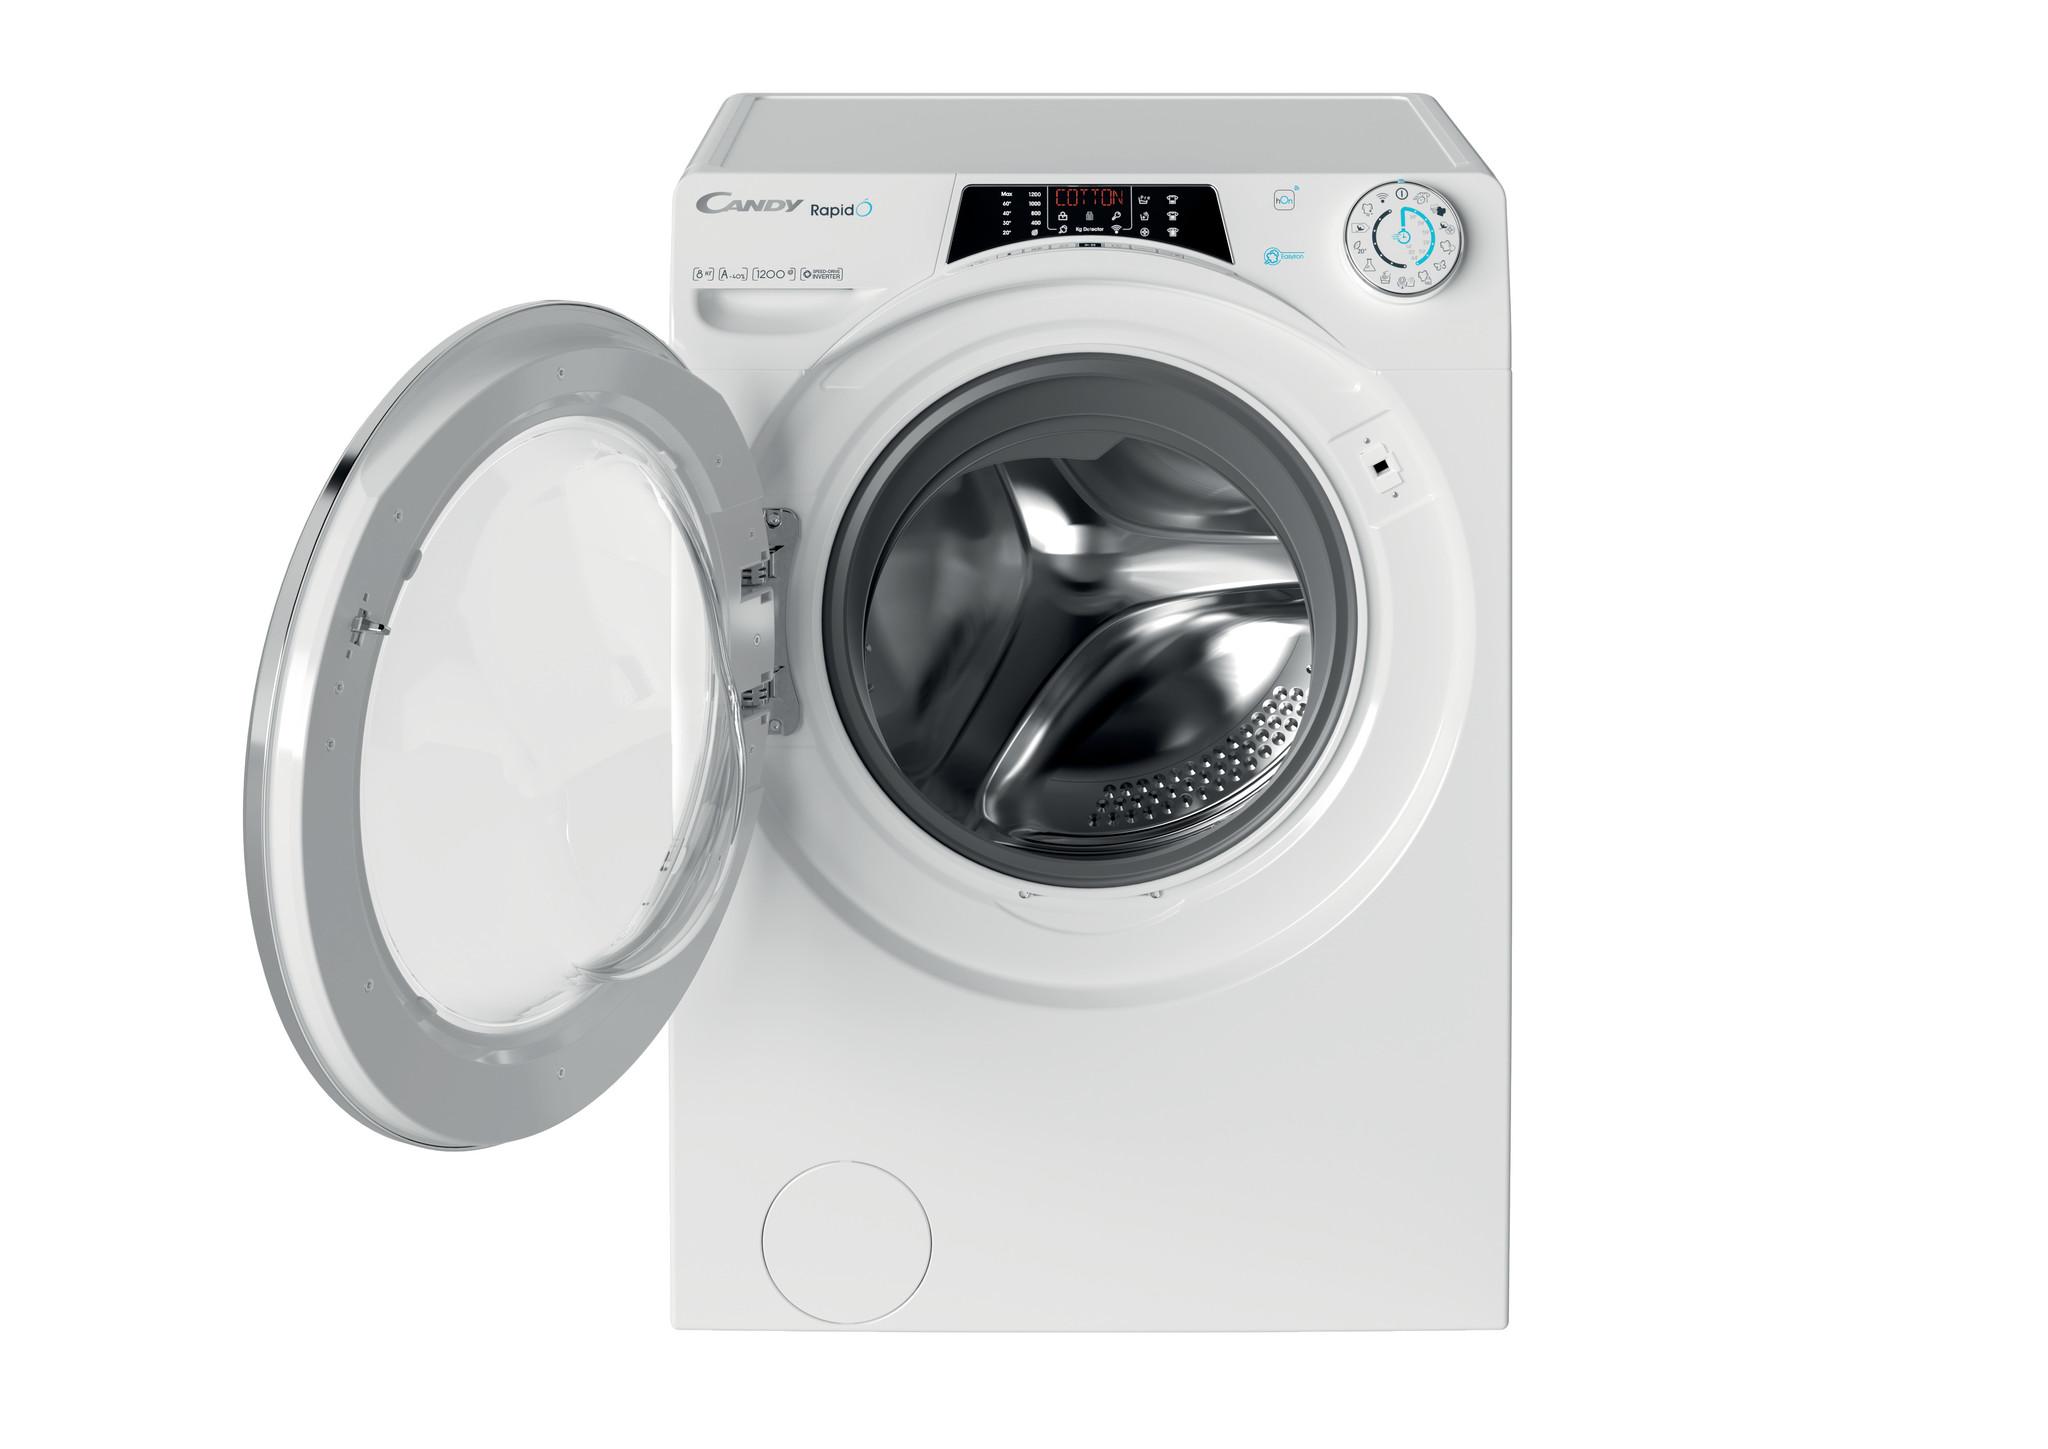 Узкая стиральная машина Candy RapidO RO44 1286DWMC4-07 фото 4